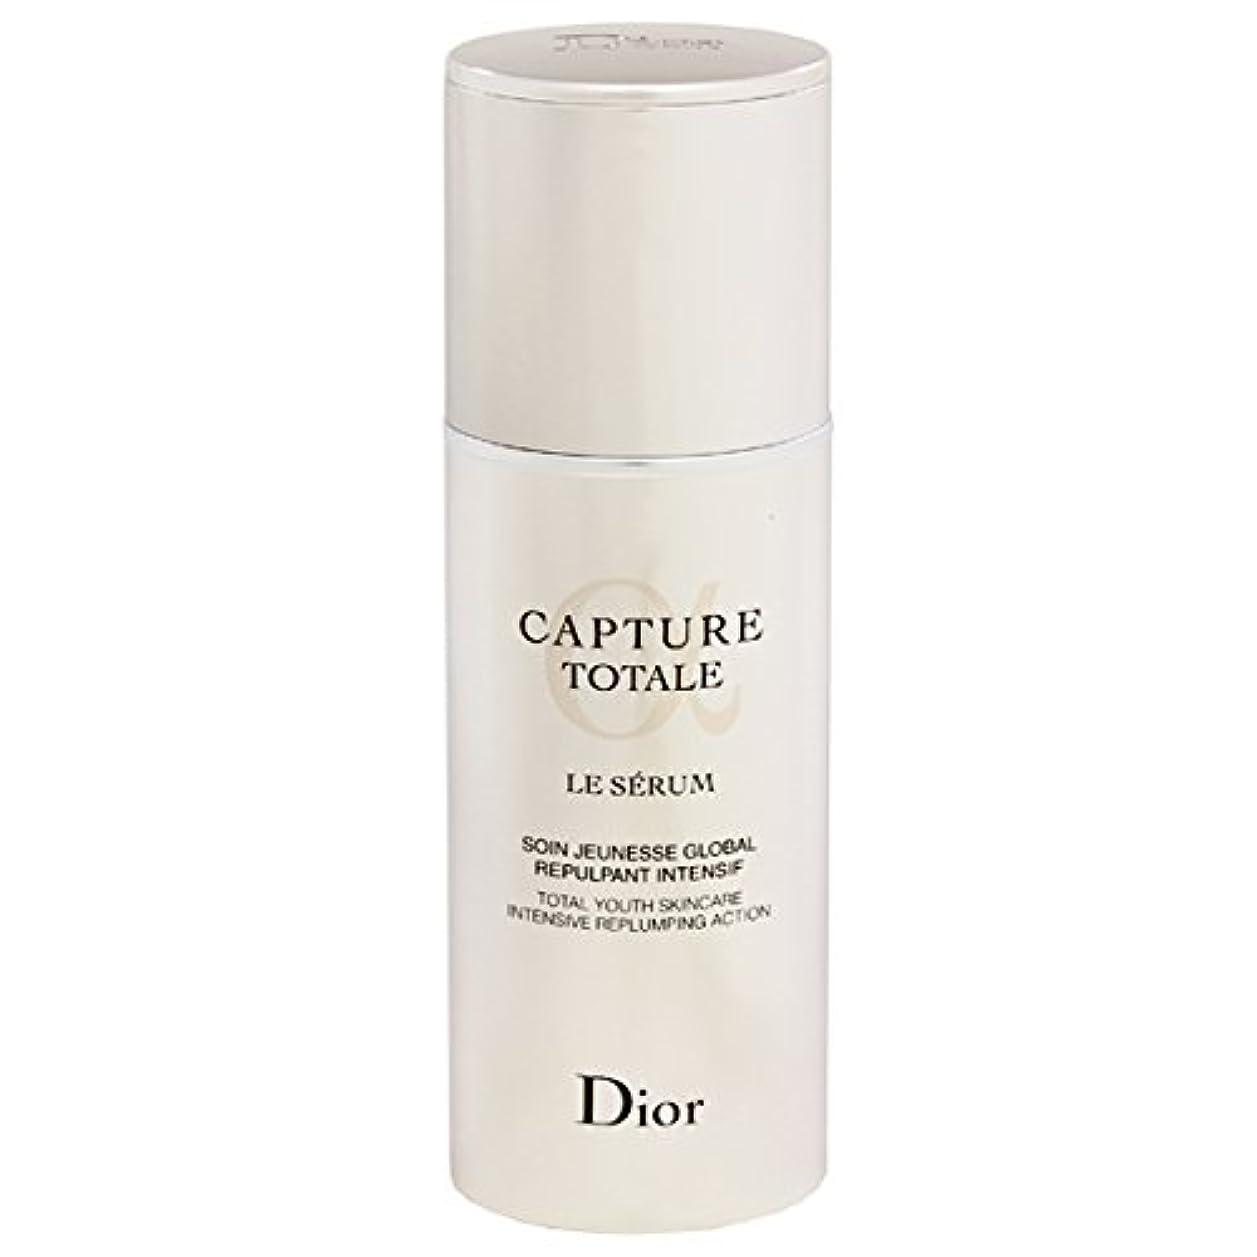 成熟視線反発Dior カプチュールトータルコンセントレートセラム 50ml [224963] [並行輸入品]